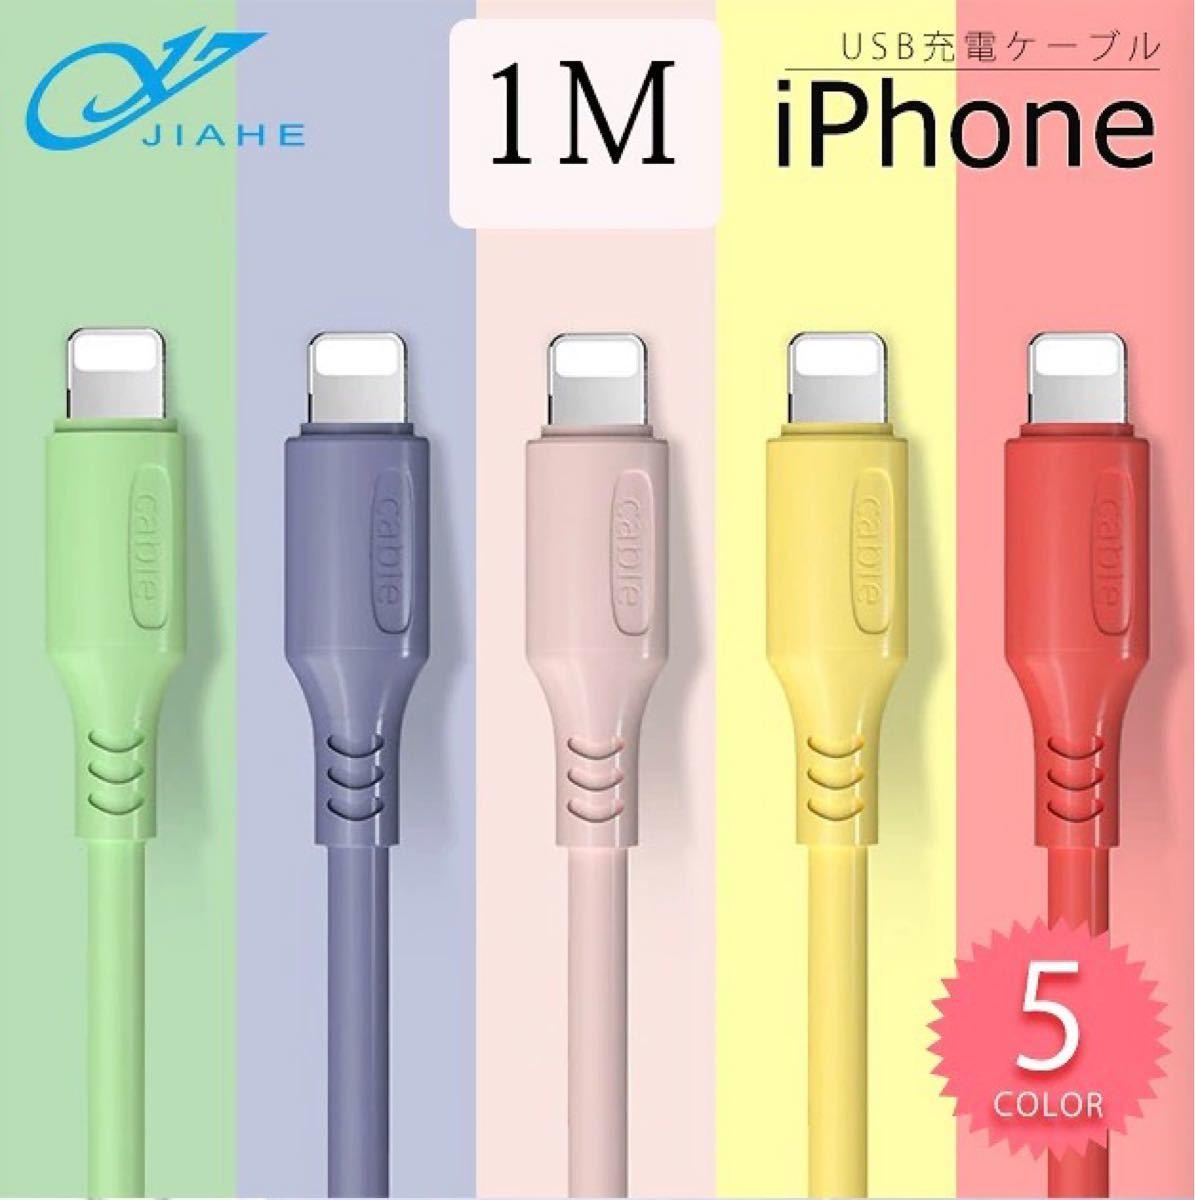 充電 ケーブル 1M iPhone アイフォンケーブル 急速充電 12Pro11ProMax5本セット  ライトニングケーブル